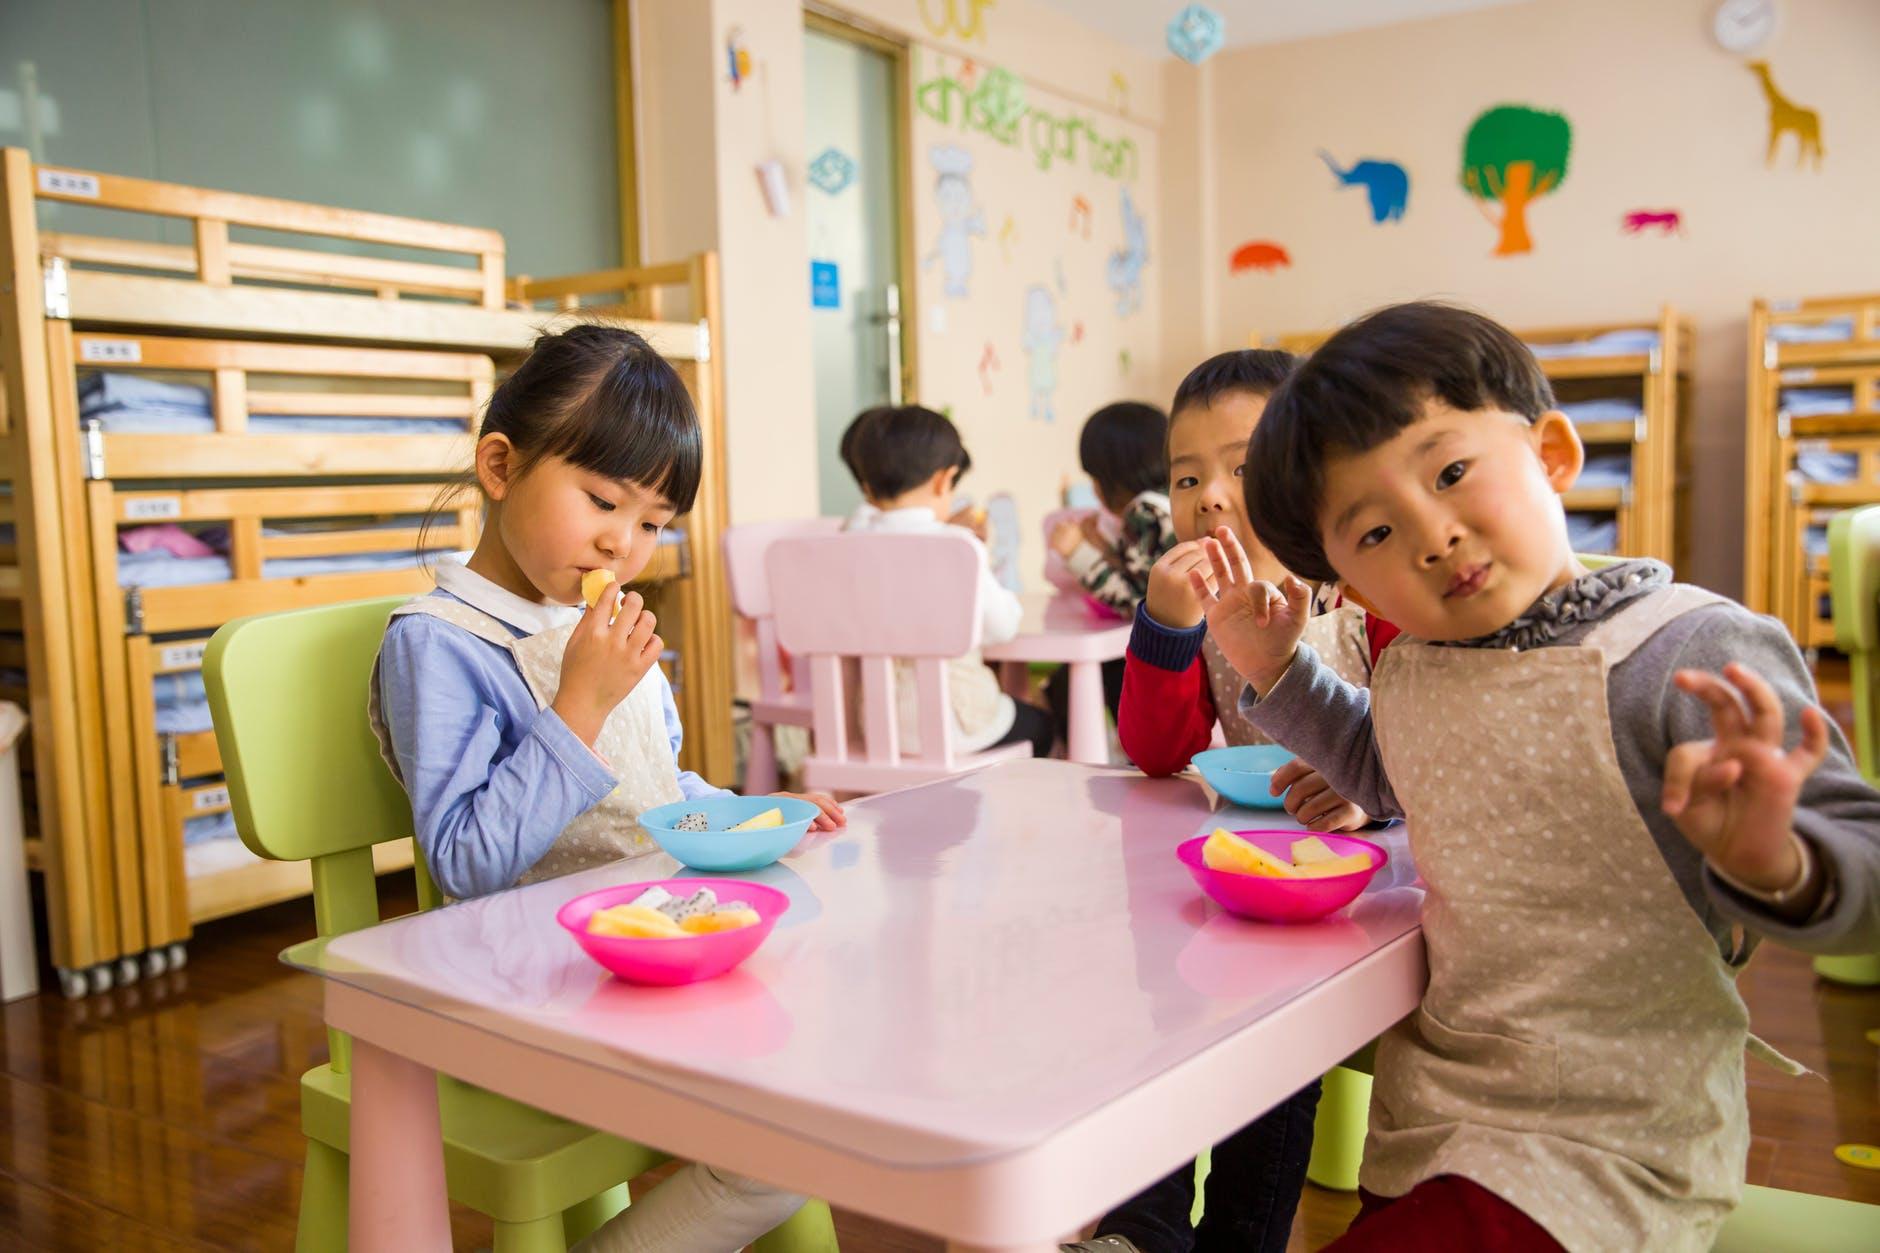 """保育园给孩子订立了这些""""吃饭规矩"""",孩子吃好饭家长真能省心很多!"""